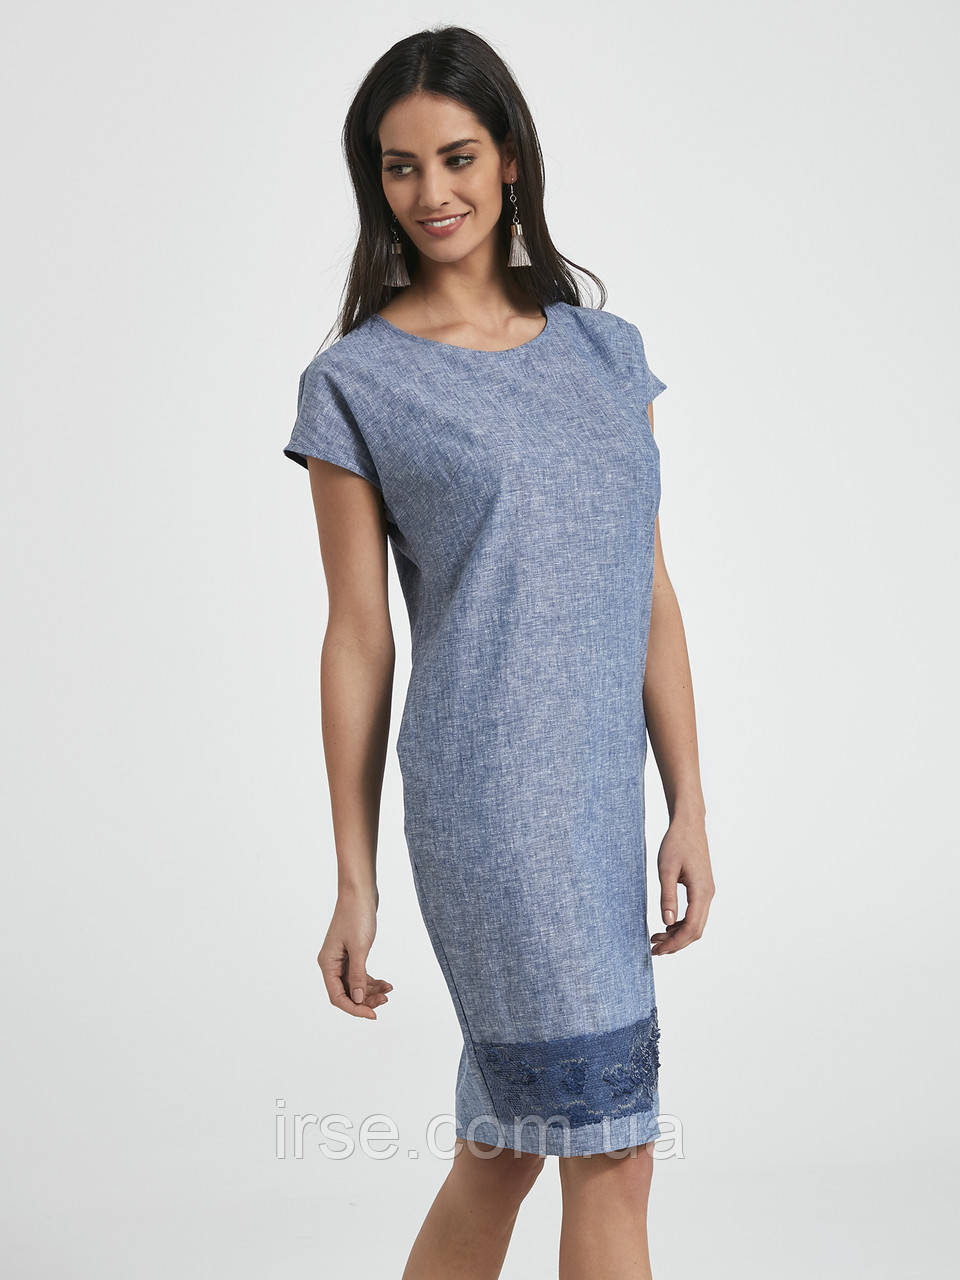 54f40e3038f0a12 Летнее платье из льна голубого цвета. Модель 250102 Enny, коллекция  весна-лето 2018, цена 1 016 грн., купить в Одессе — Prom.ua (ID#650281270)